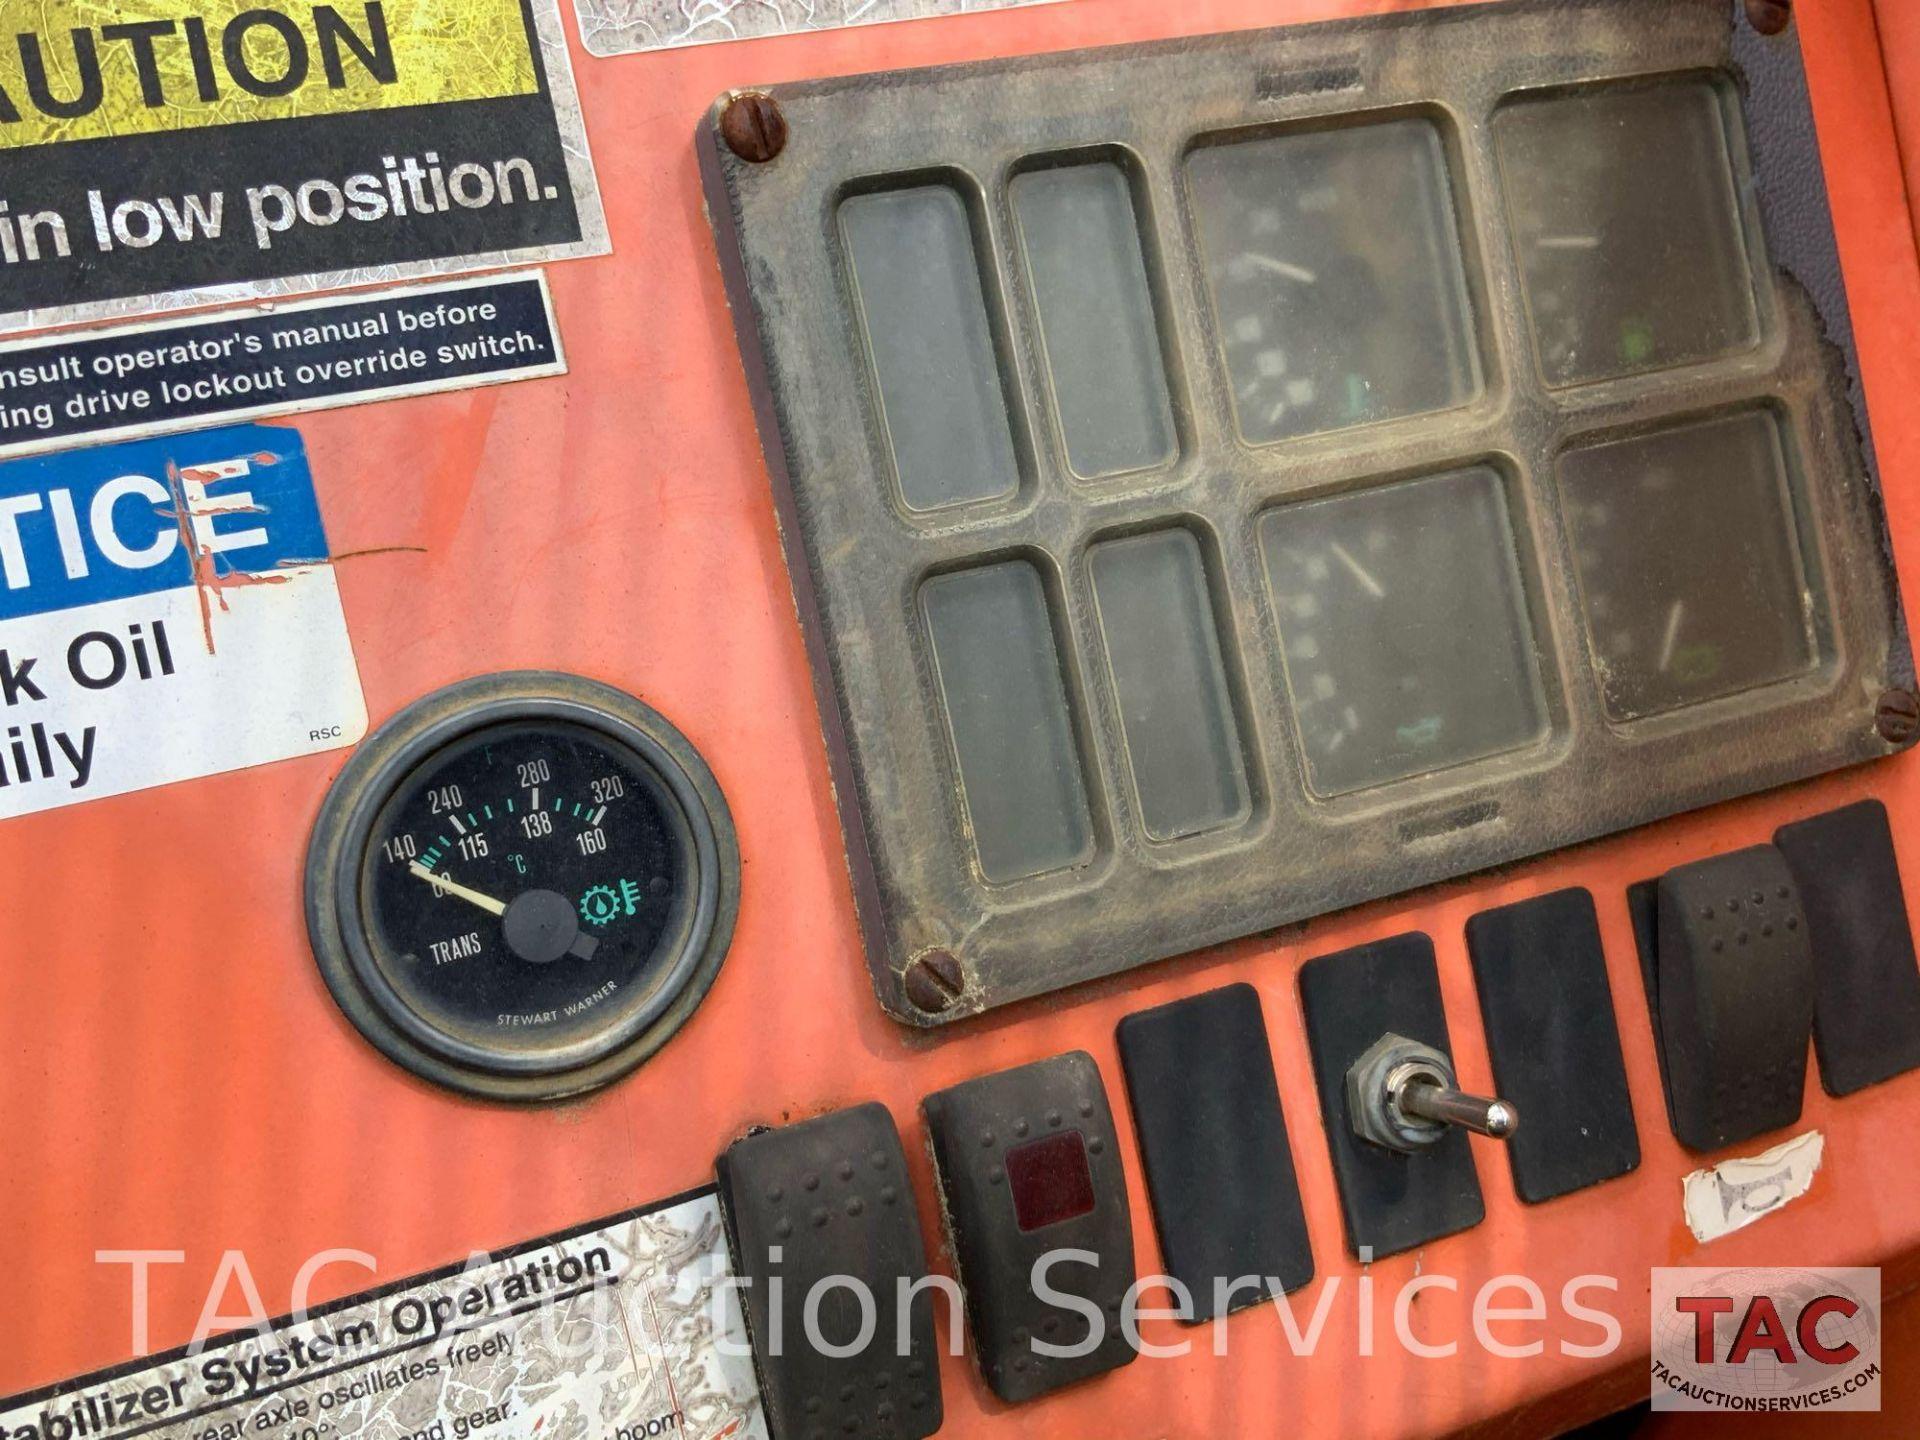 2007 JLG LULL Telehander Forklift - Image 18 of 25